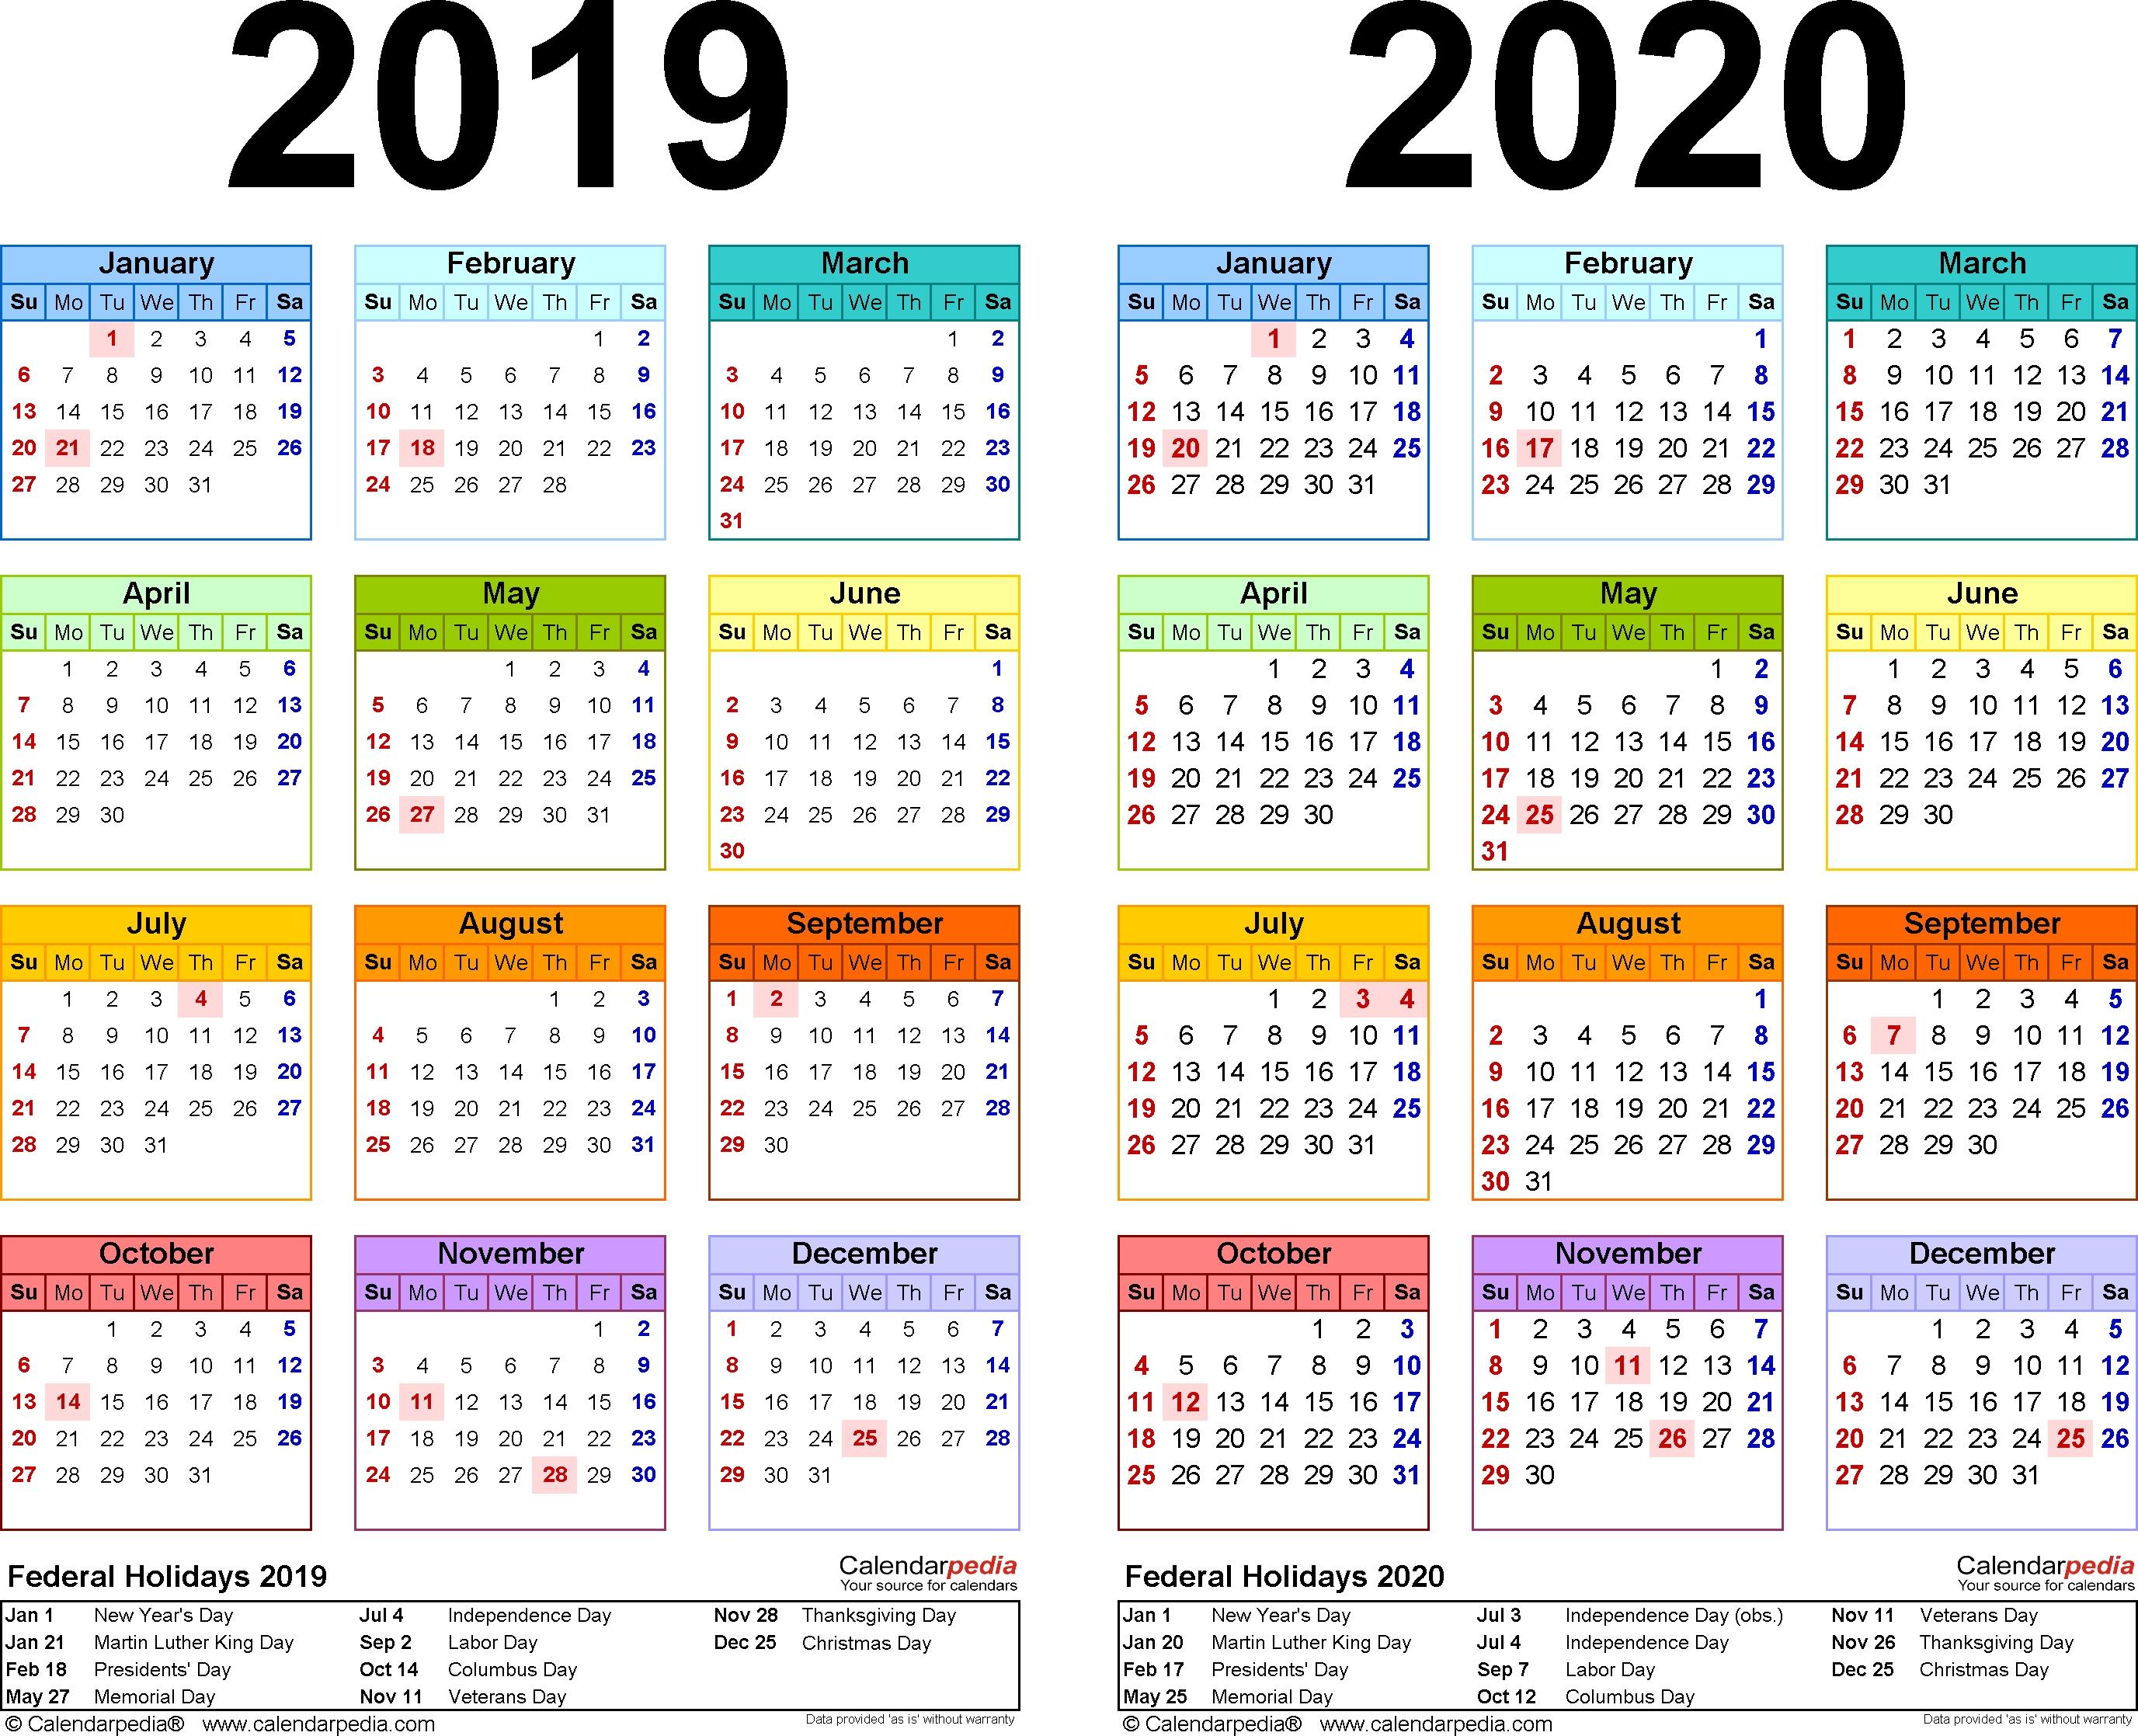 Free Pocket Calendar Template - Colona.rsd7 for 2020 Pocket Size Calendar Free